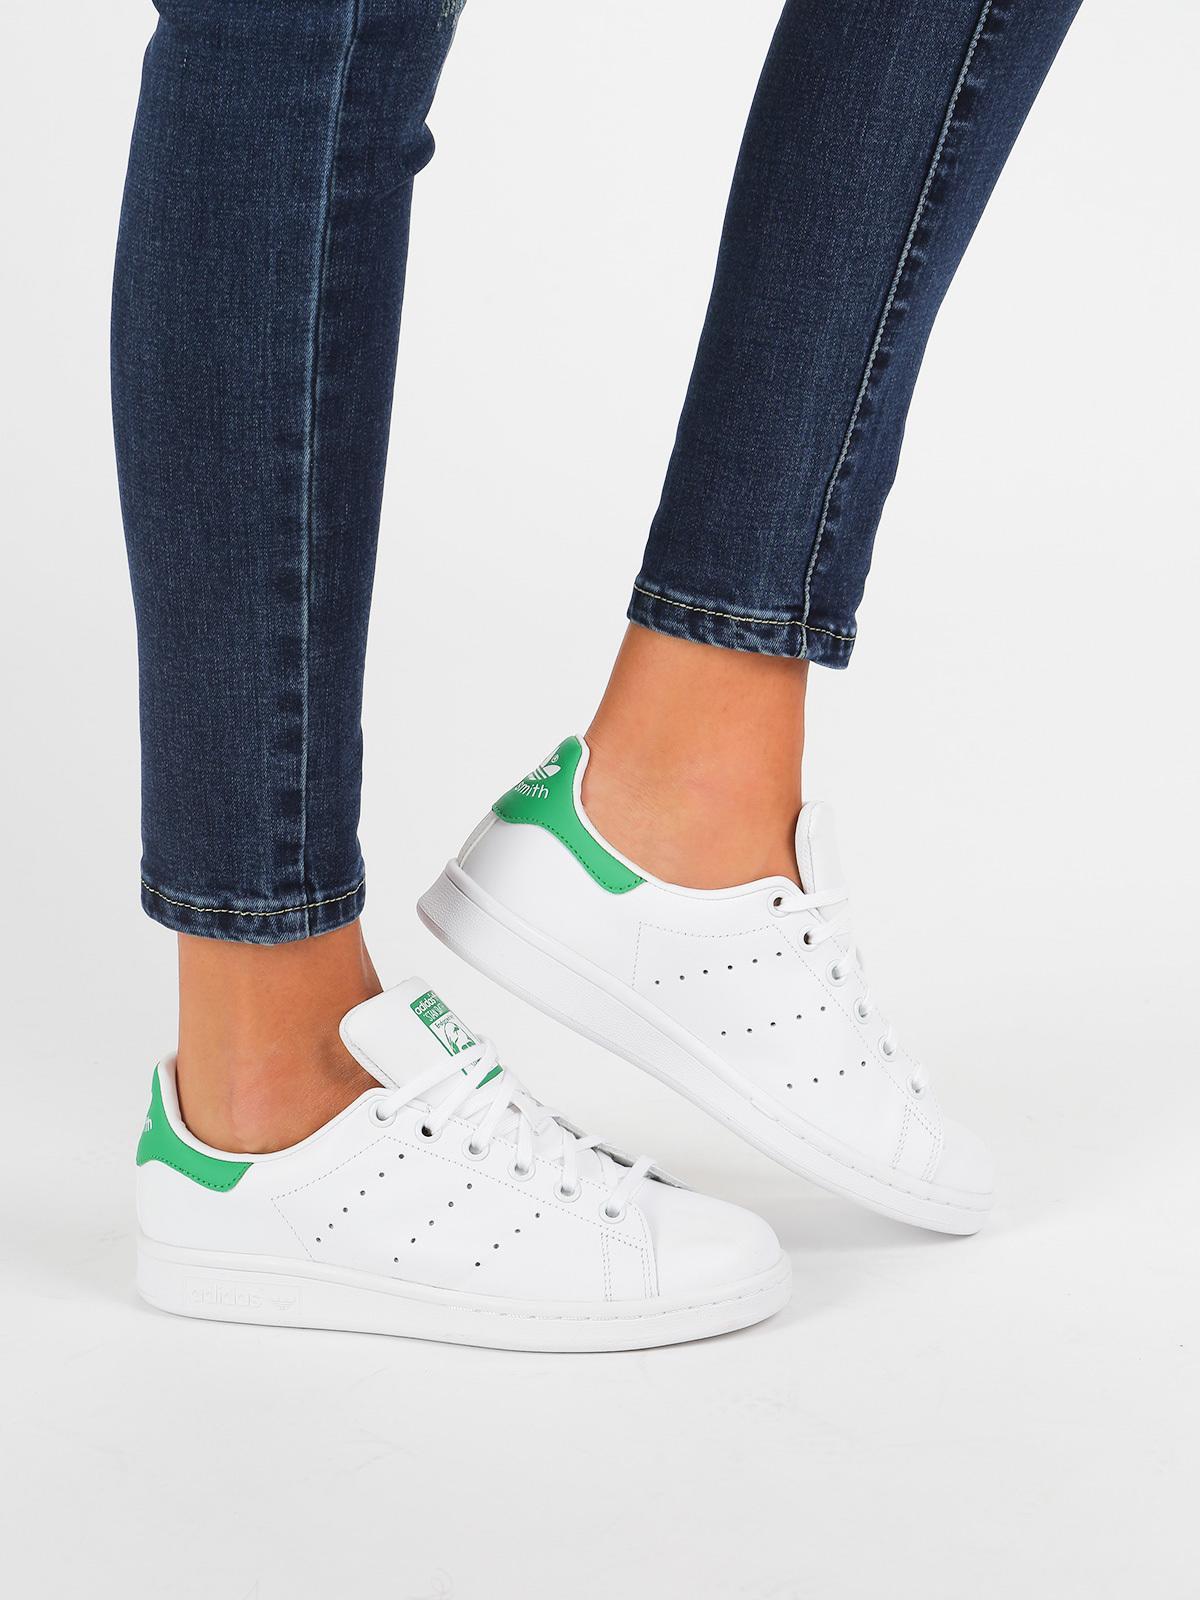 adidas Stan Smith J - white / green | MecShopping